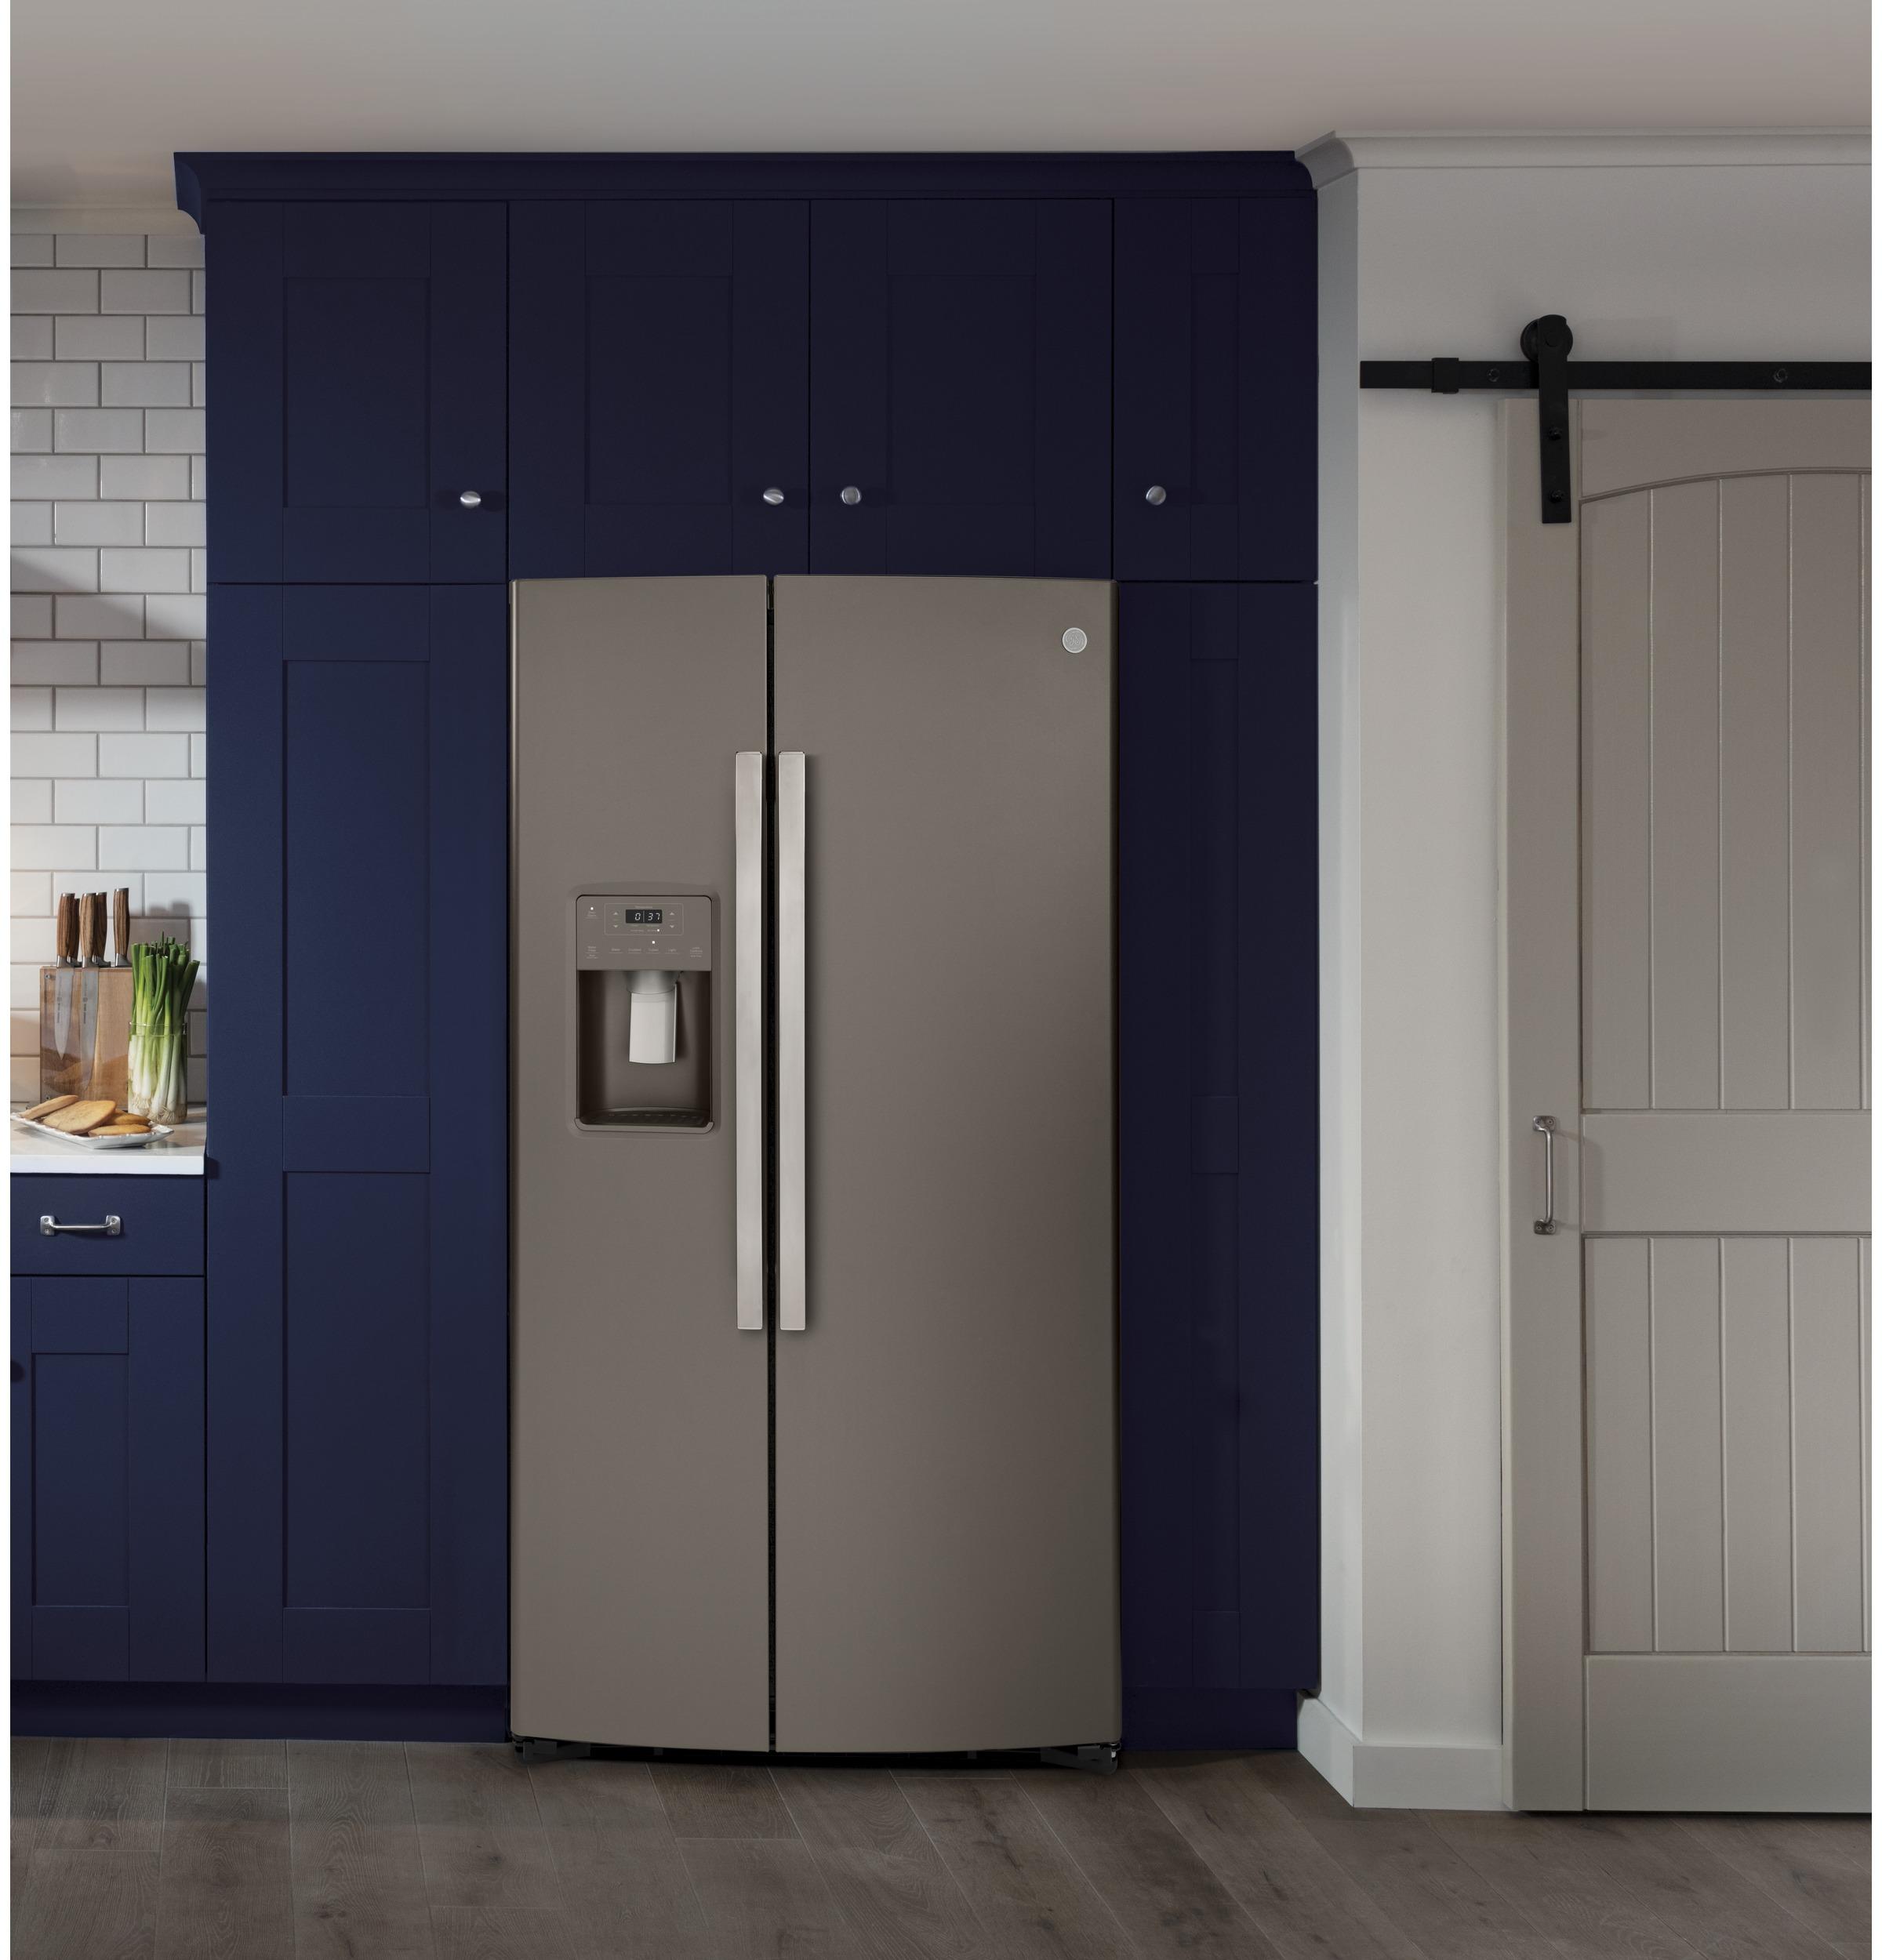 Model: GSS25IMNES   GE GE® 25.1 Cu. Ft. Side-By-Side Refrigerator